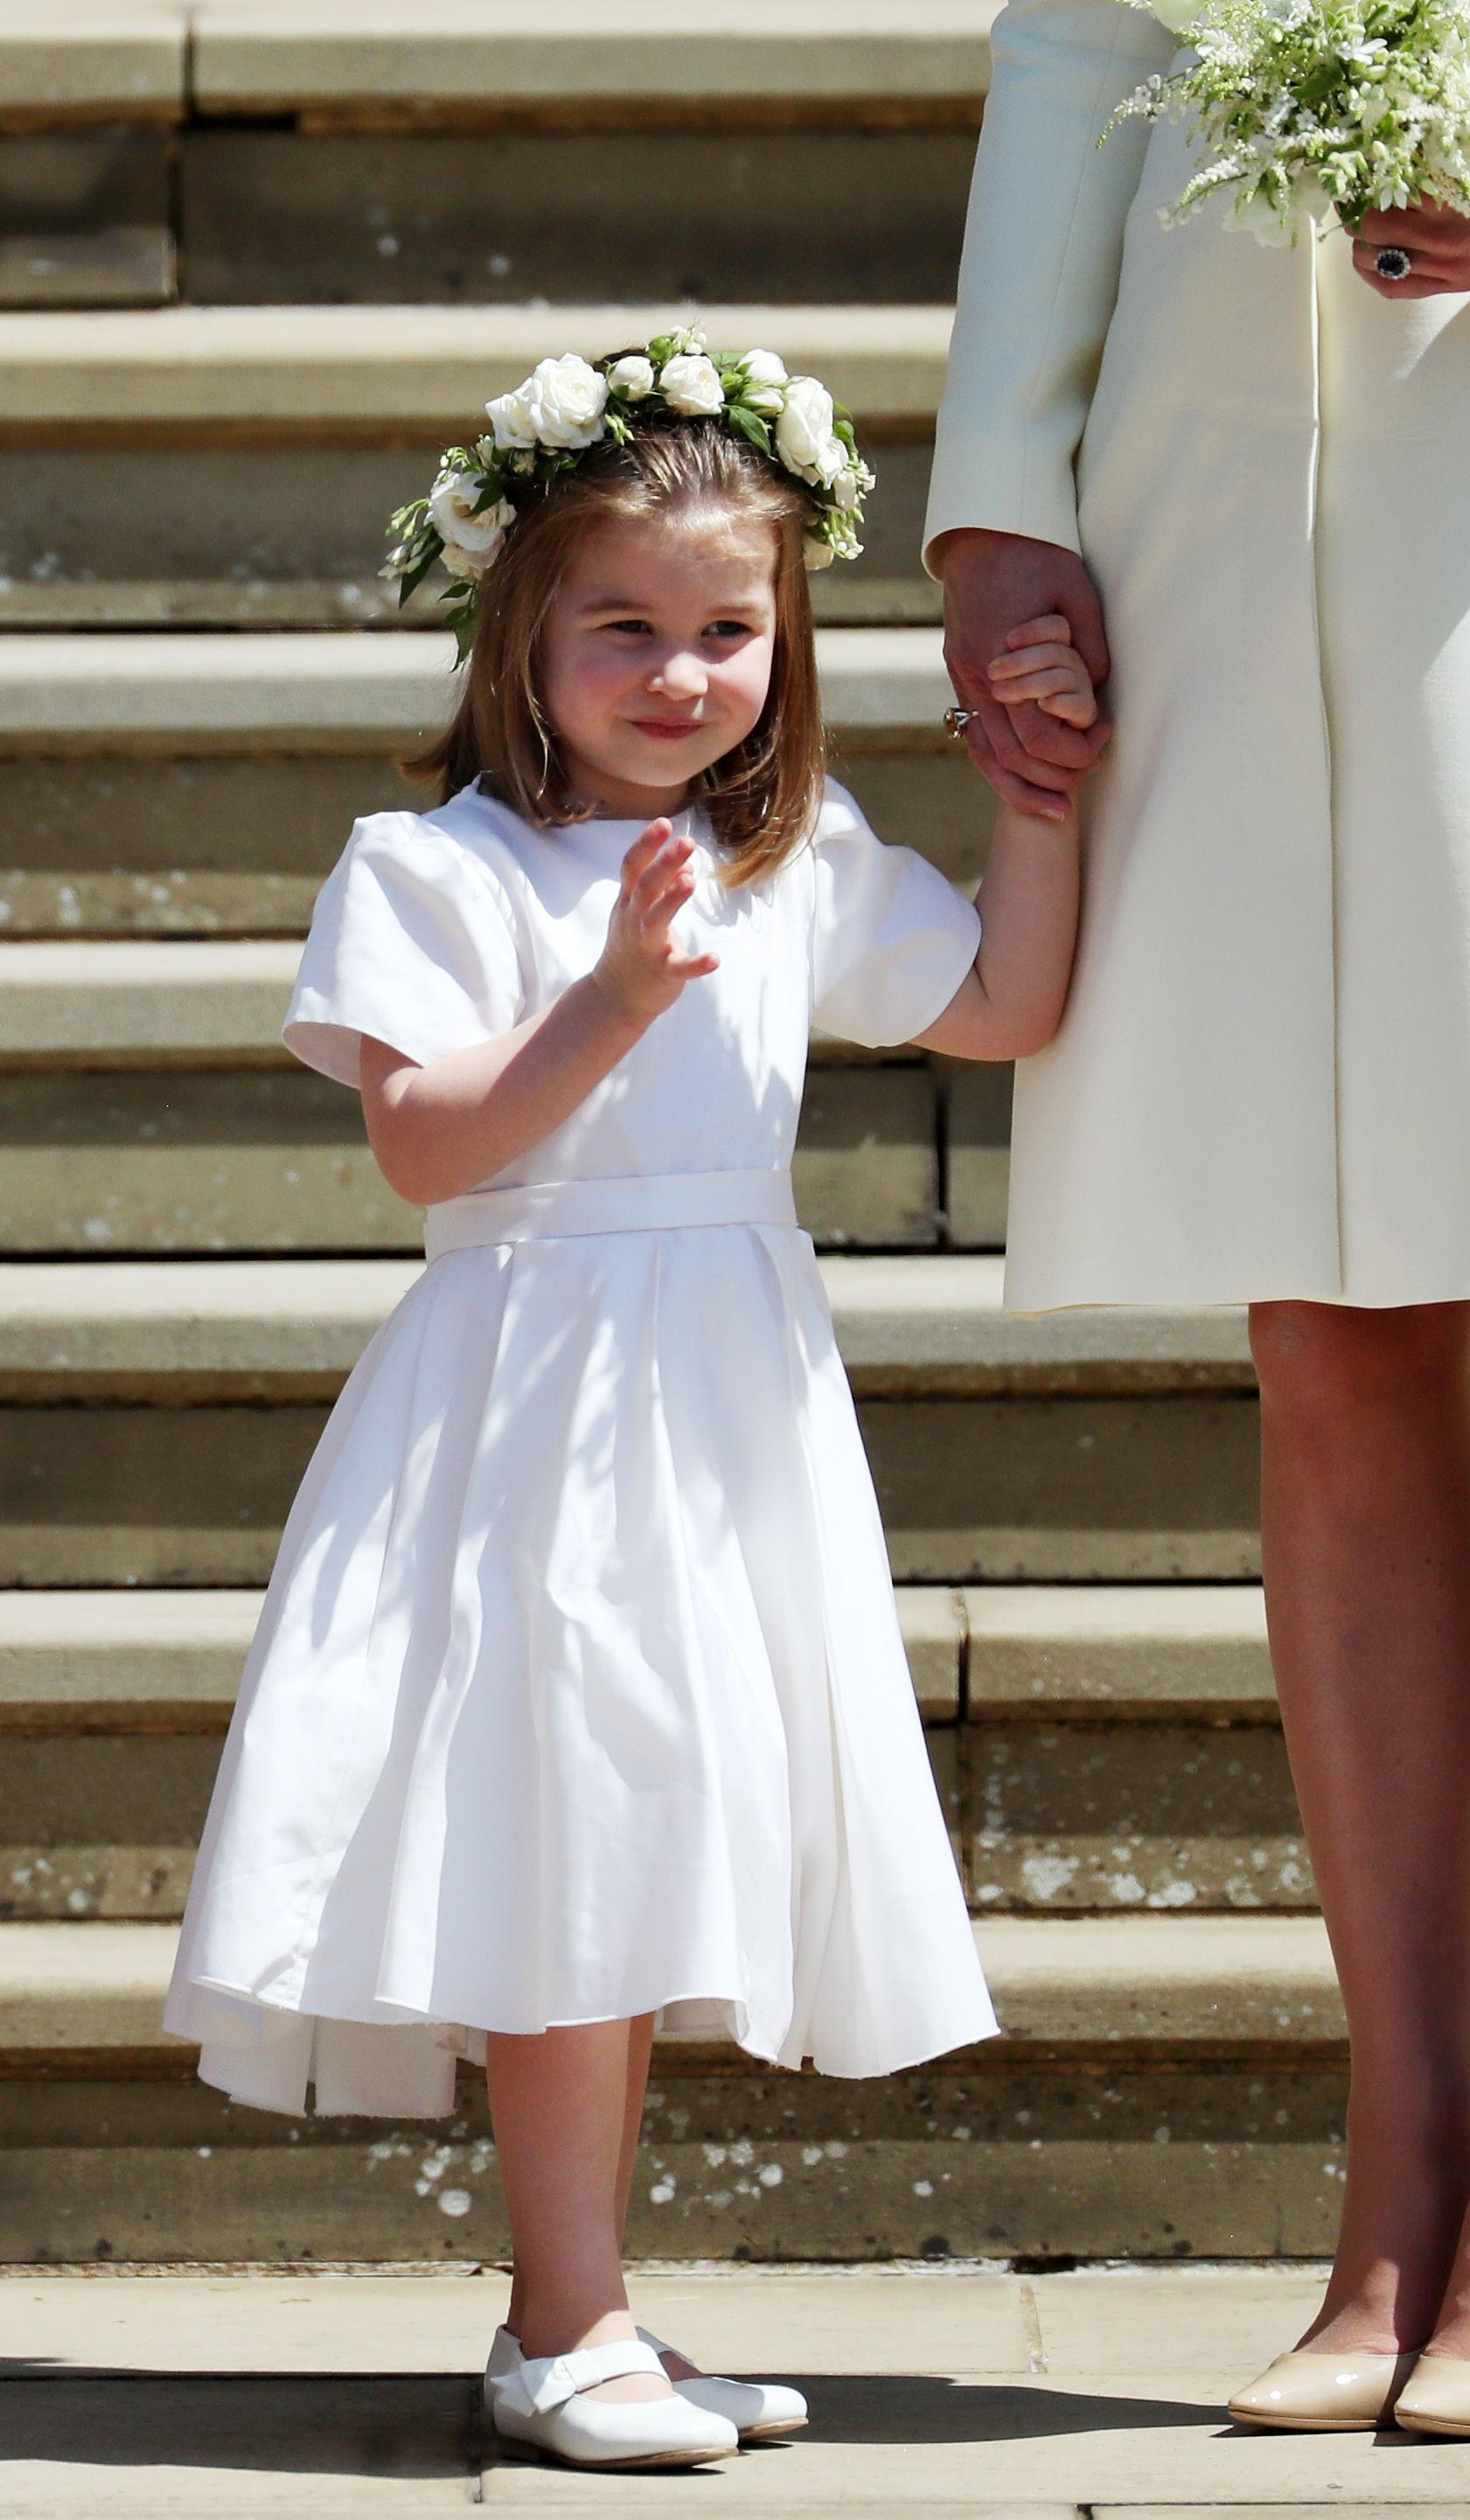 Princess Charlotte at Royal Wedding 2018